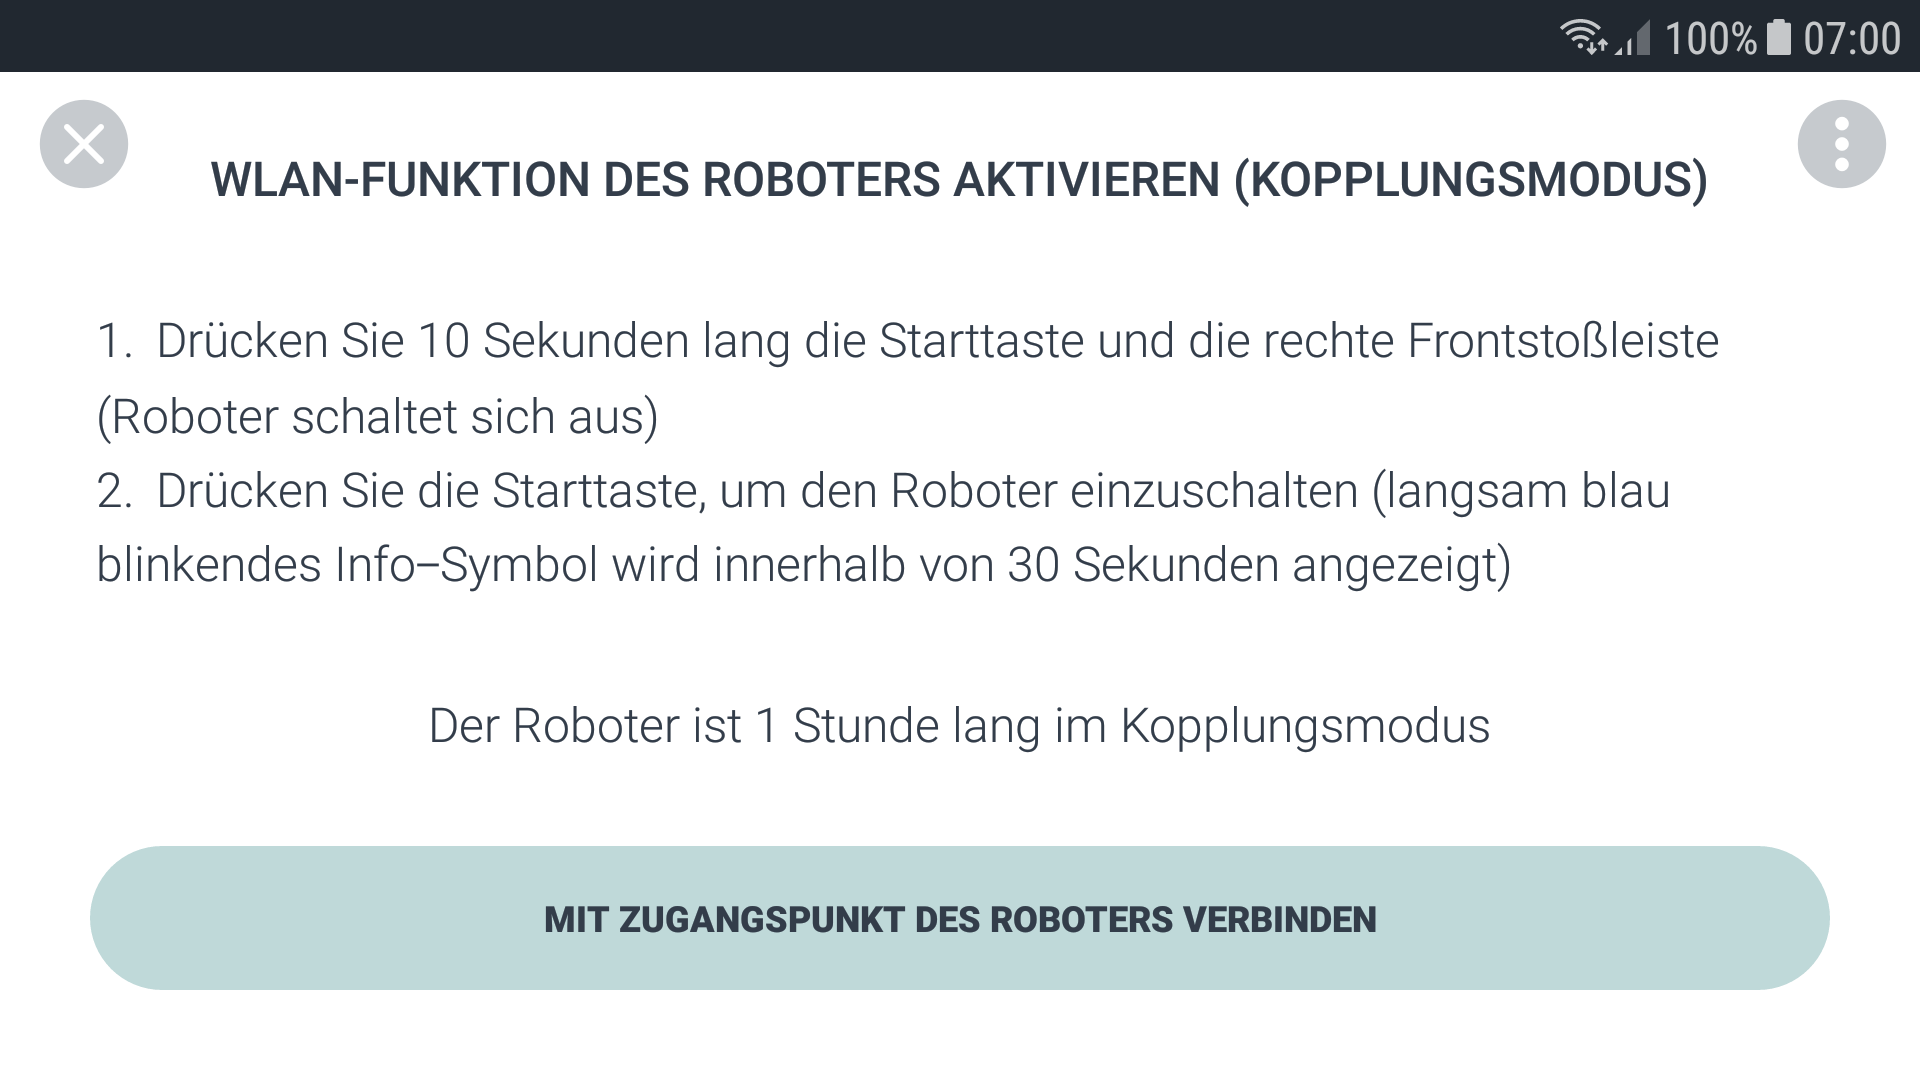 Nett Drahtmutter Spinner Werkzeug Bilder - Der Schaltplan - greigo.com